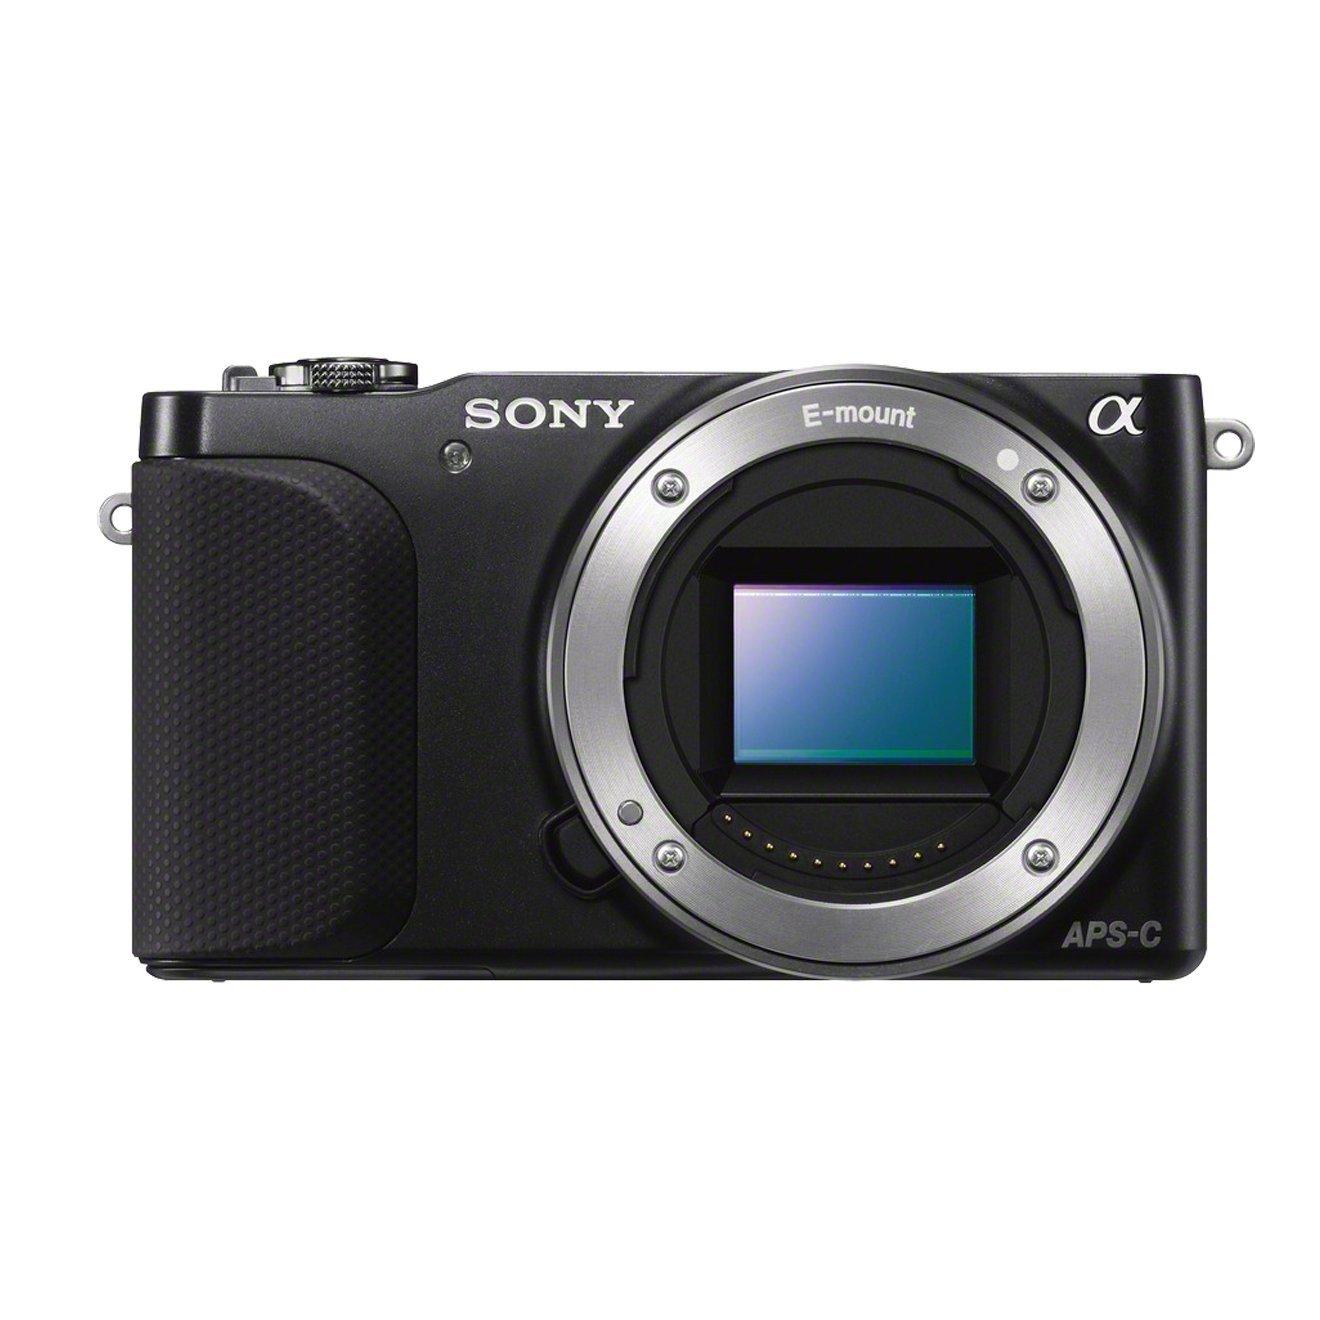 Sony NEX-3NLB Fotocamera Compatta con Ottiche Intercambiabili, Ottica SELP 16-50 OSS, Obiettivo 16-50/3.5-5.6 OSS, Nero product image